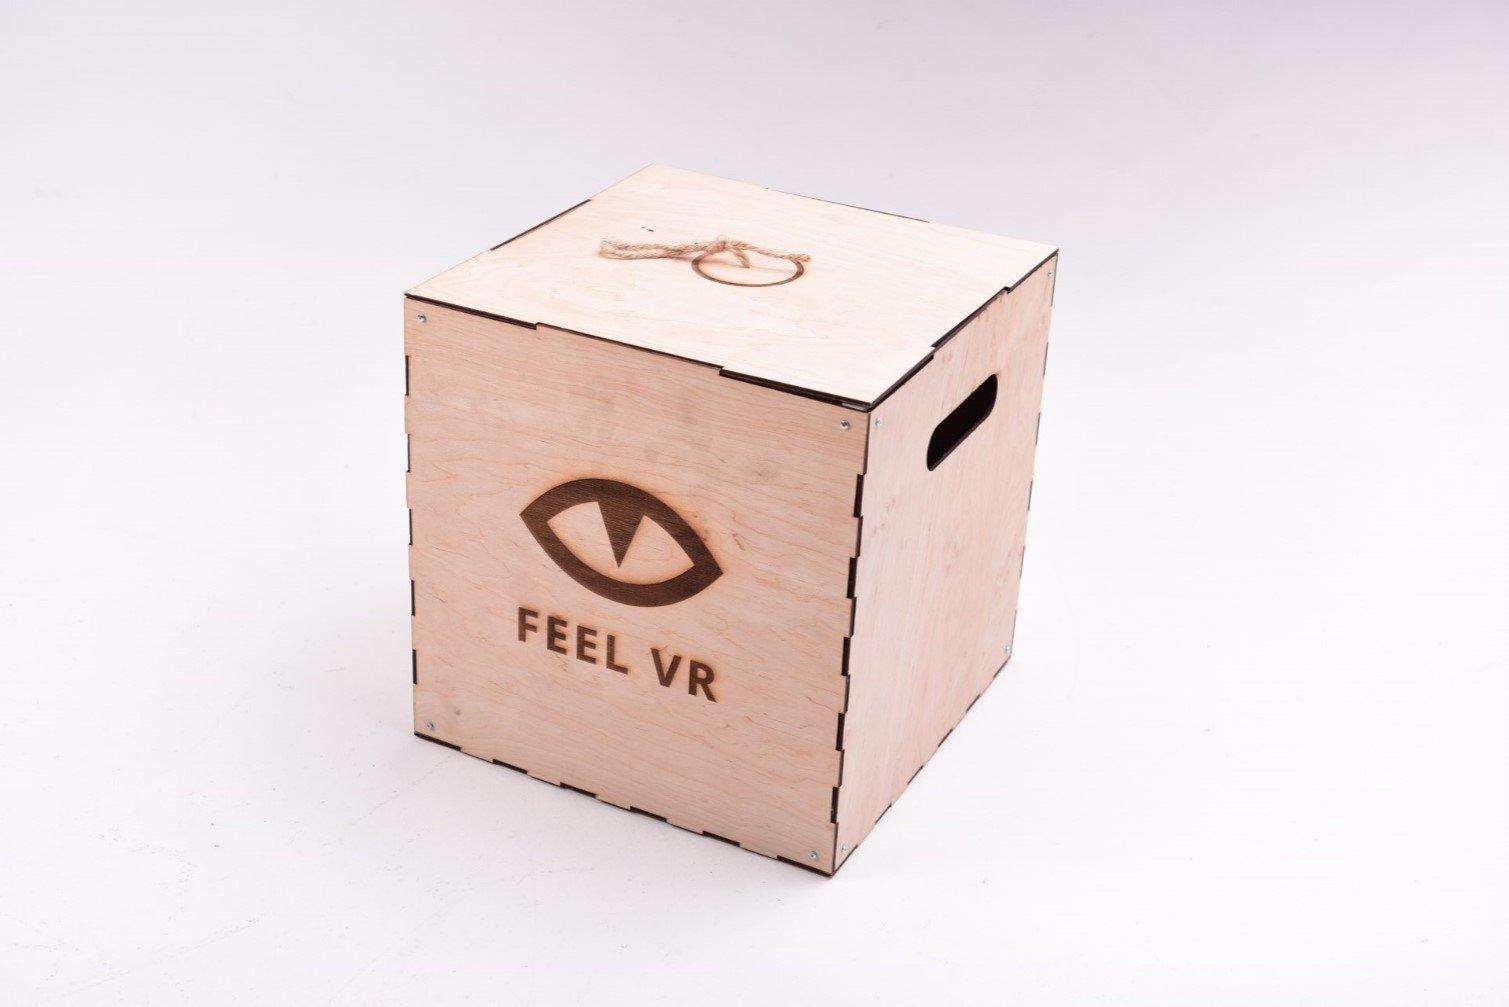 FeelVR packaging